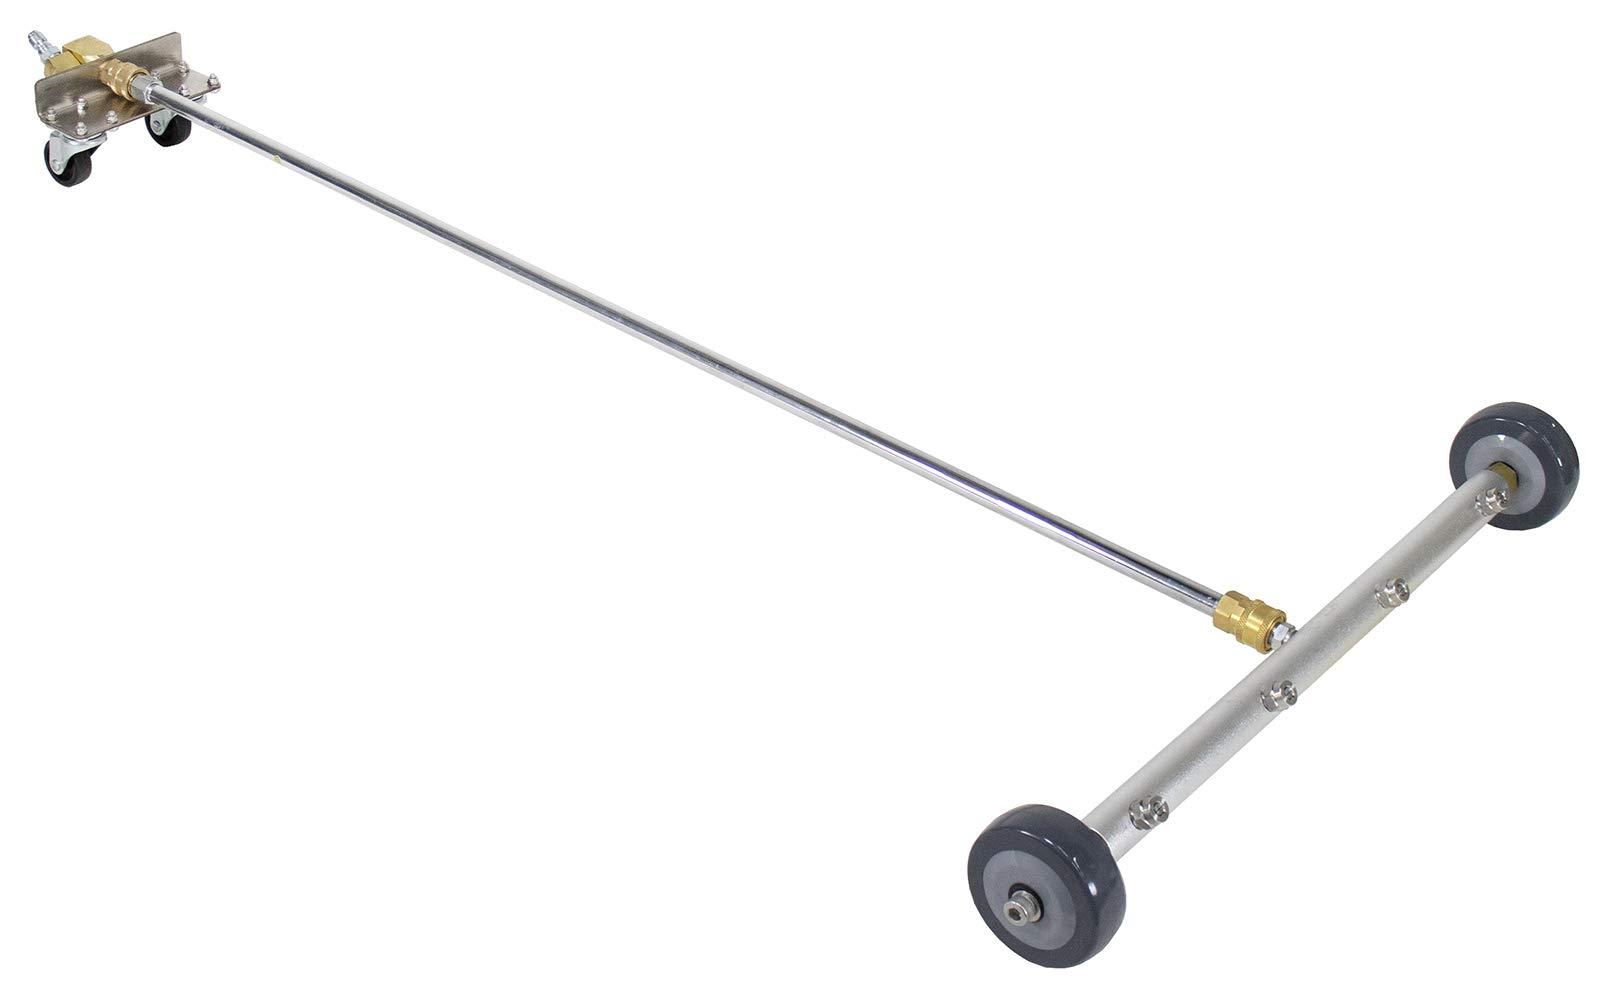 Erie Tools UC65LW Portable 4 Spray Tip Water Broom Swivel Fittings Wheels